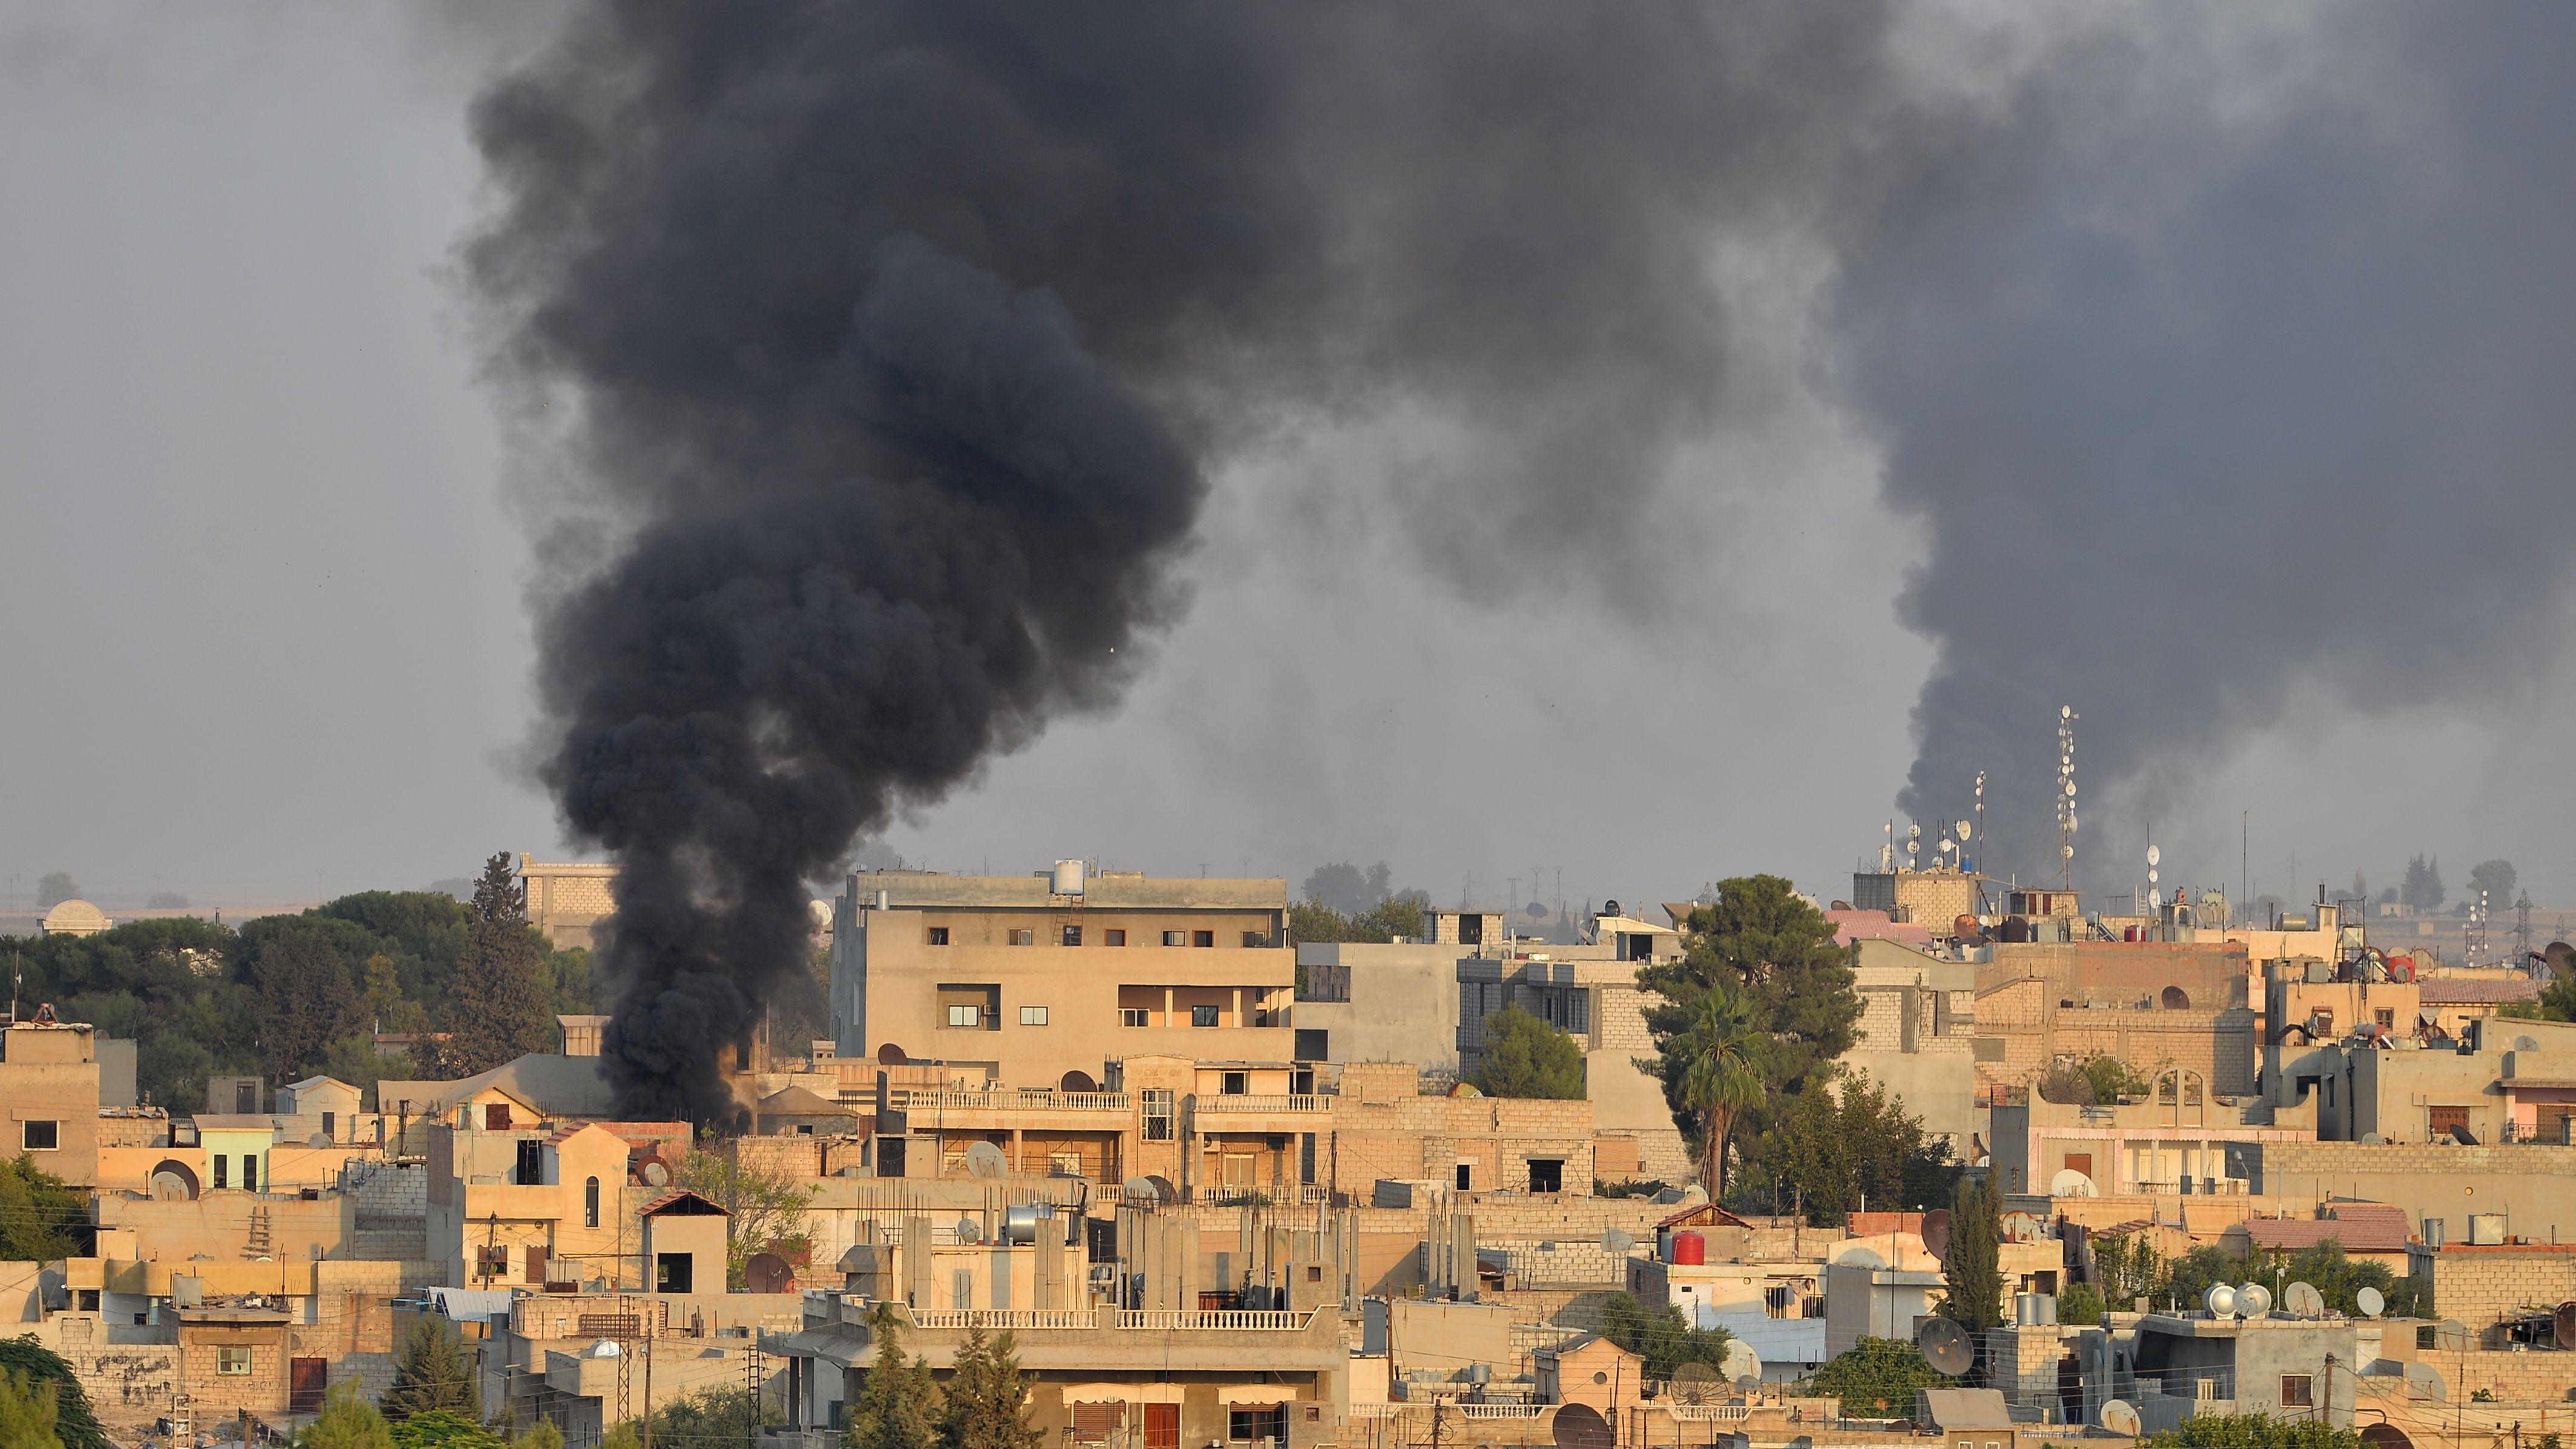 Brennende Gebäude in der nordsyrischen Stadt Ras al-Ain, aufgenommen nach Beginn der türkischen Militäroffensive am 9. Oktober 219